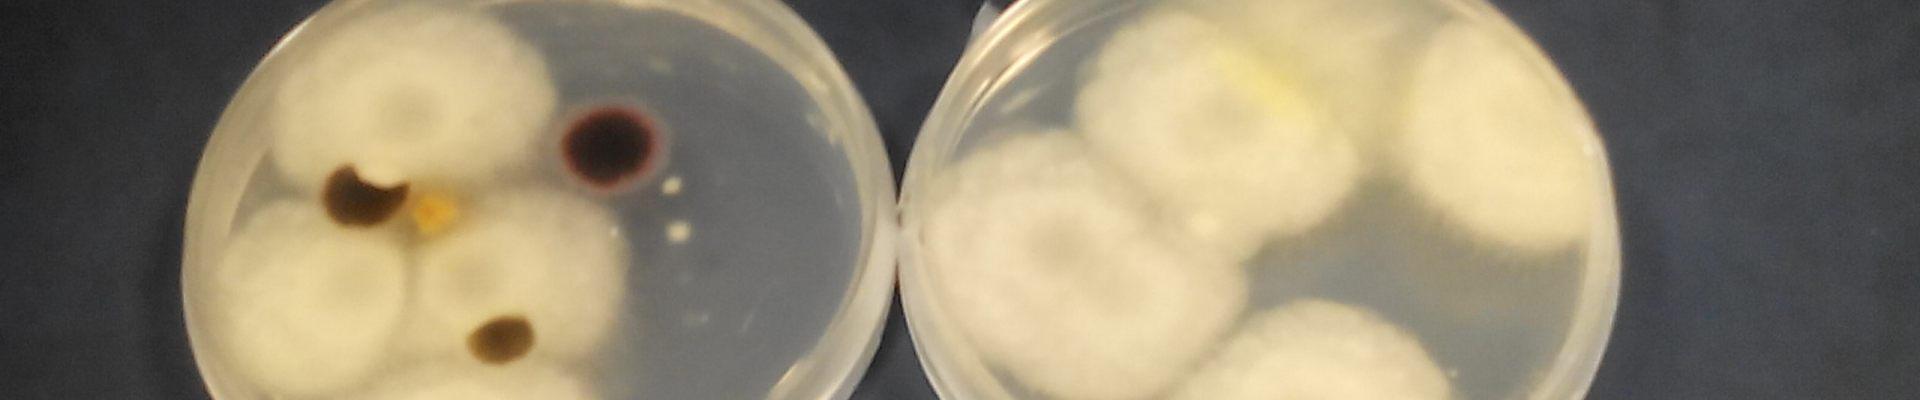 Patógenos durante el compostaje